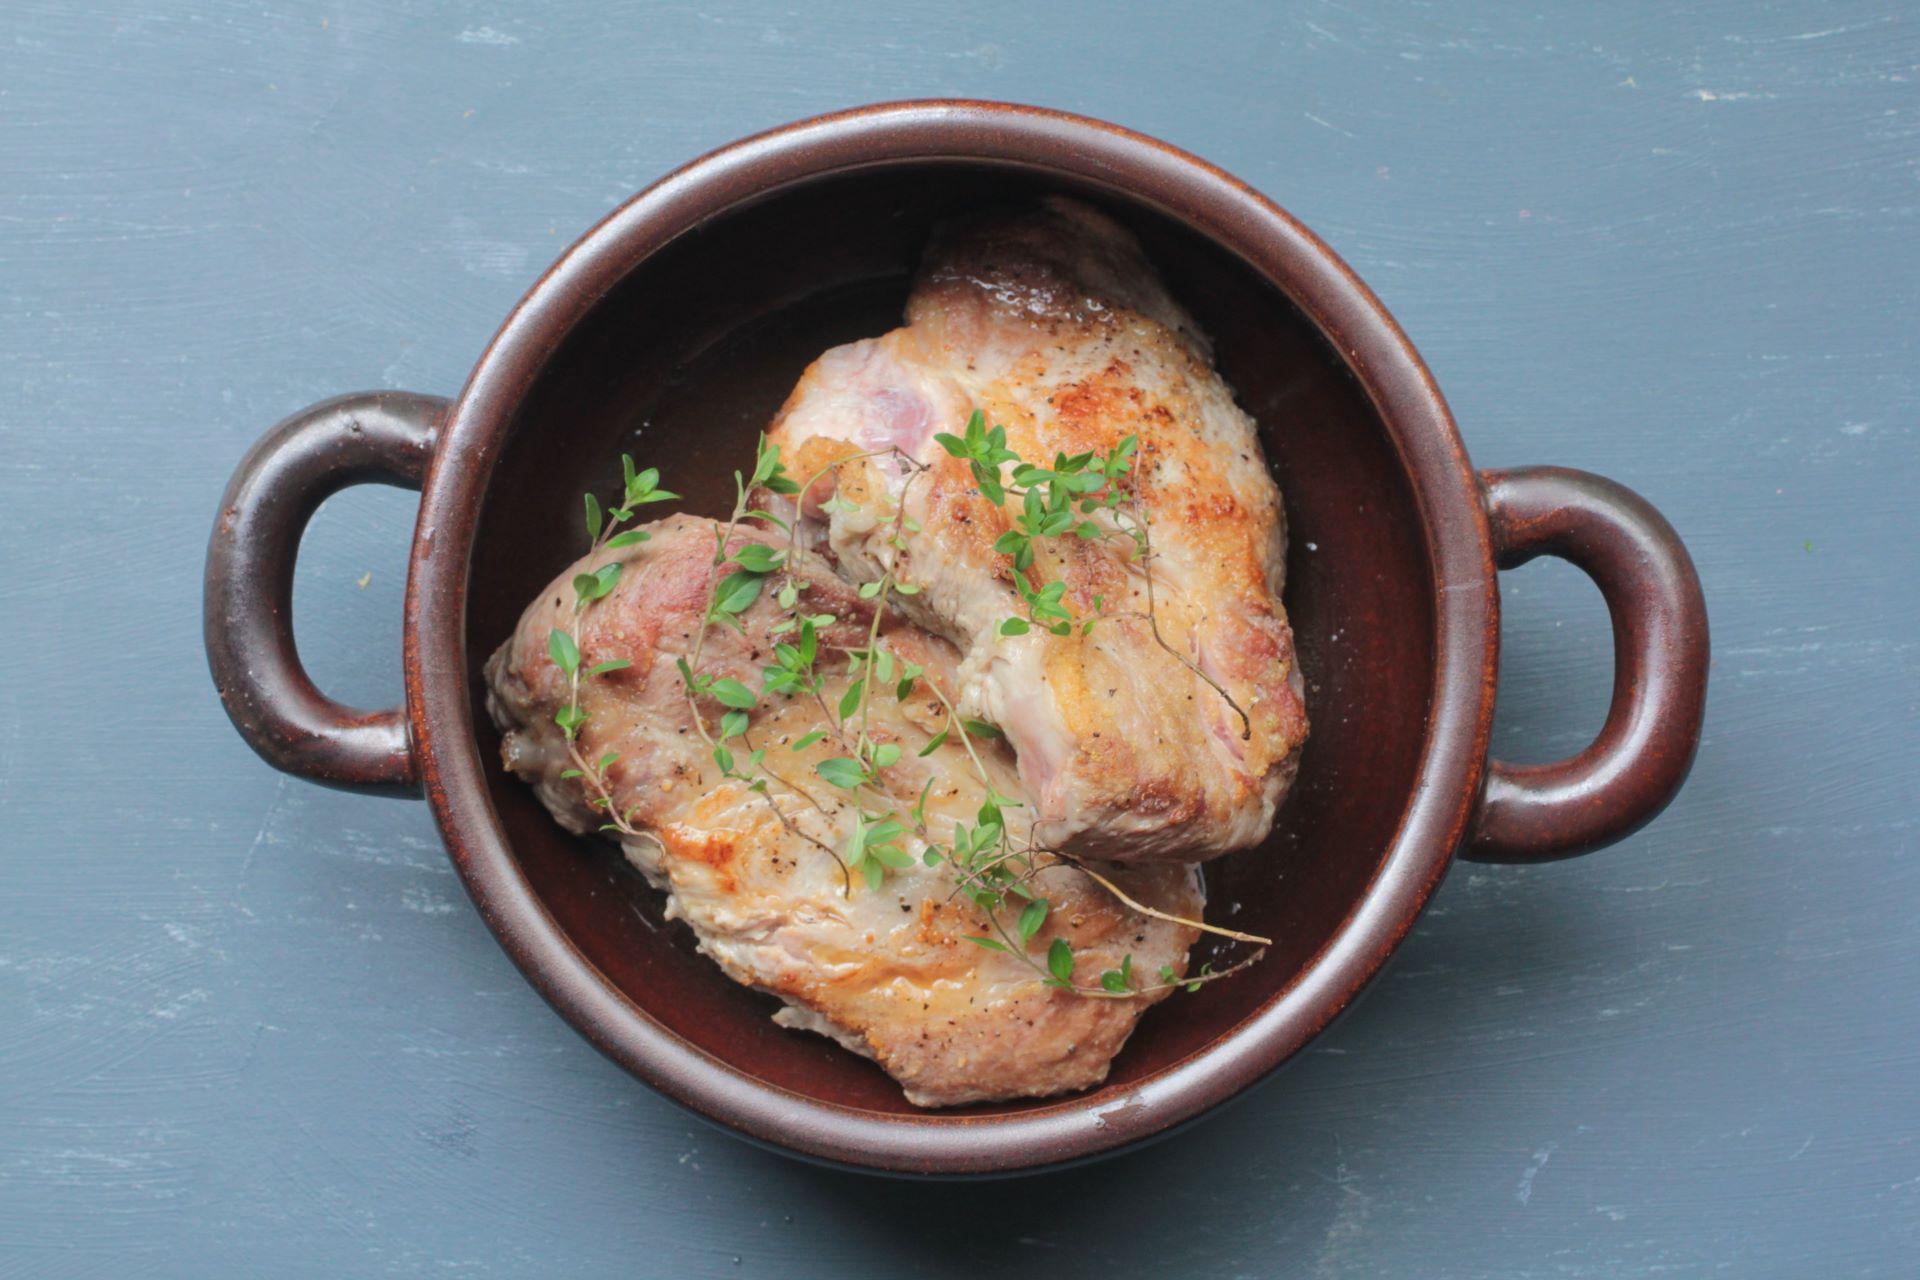 鍋の中にタイムを加えた肉